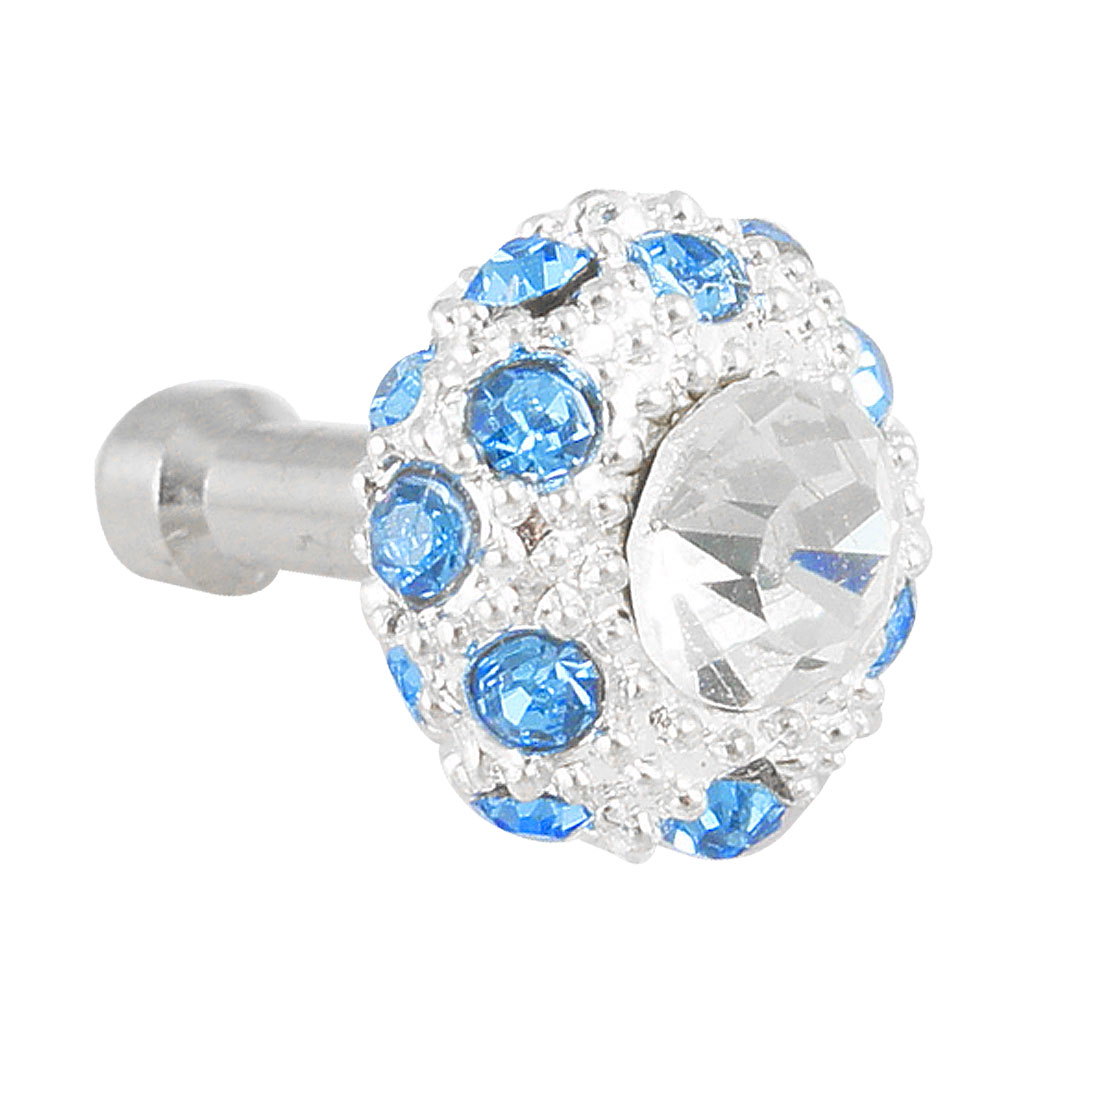 Bling Blue Crystal 3.5mm Anti Dust Earphone Stopper for Phone